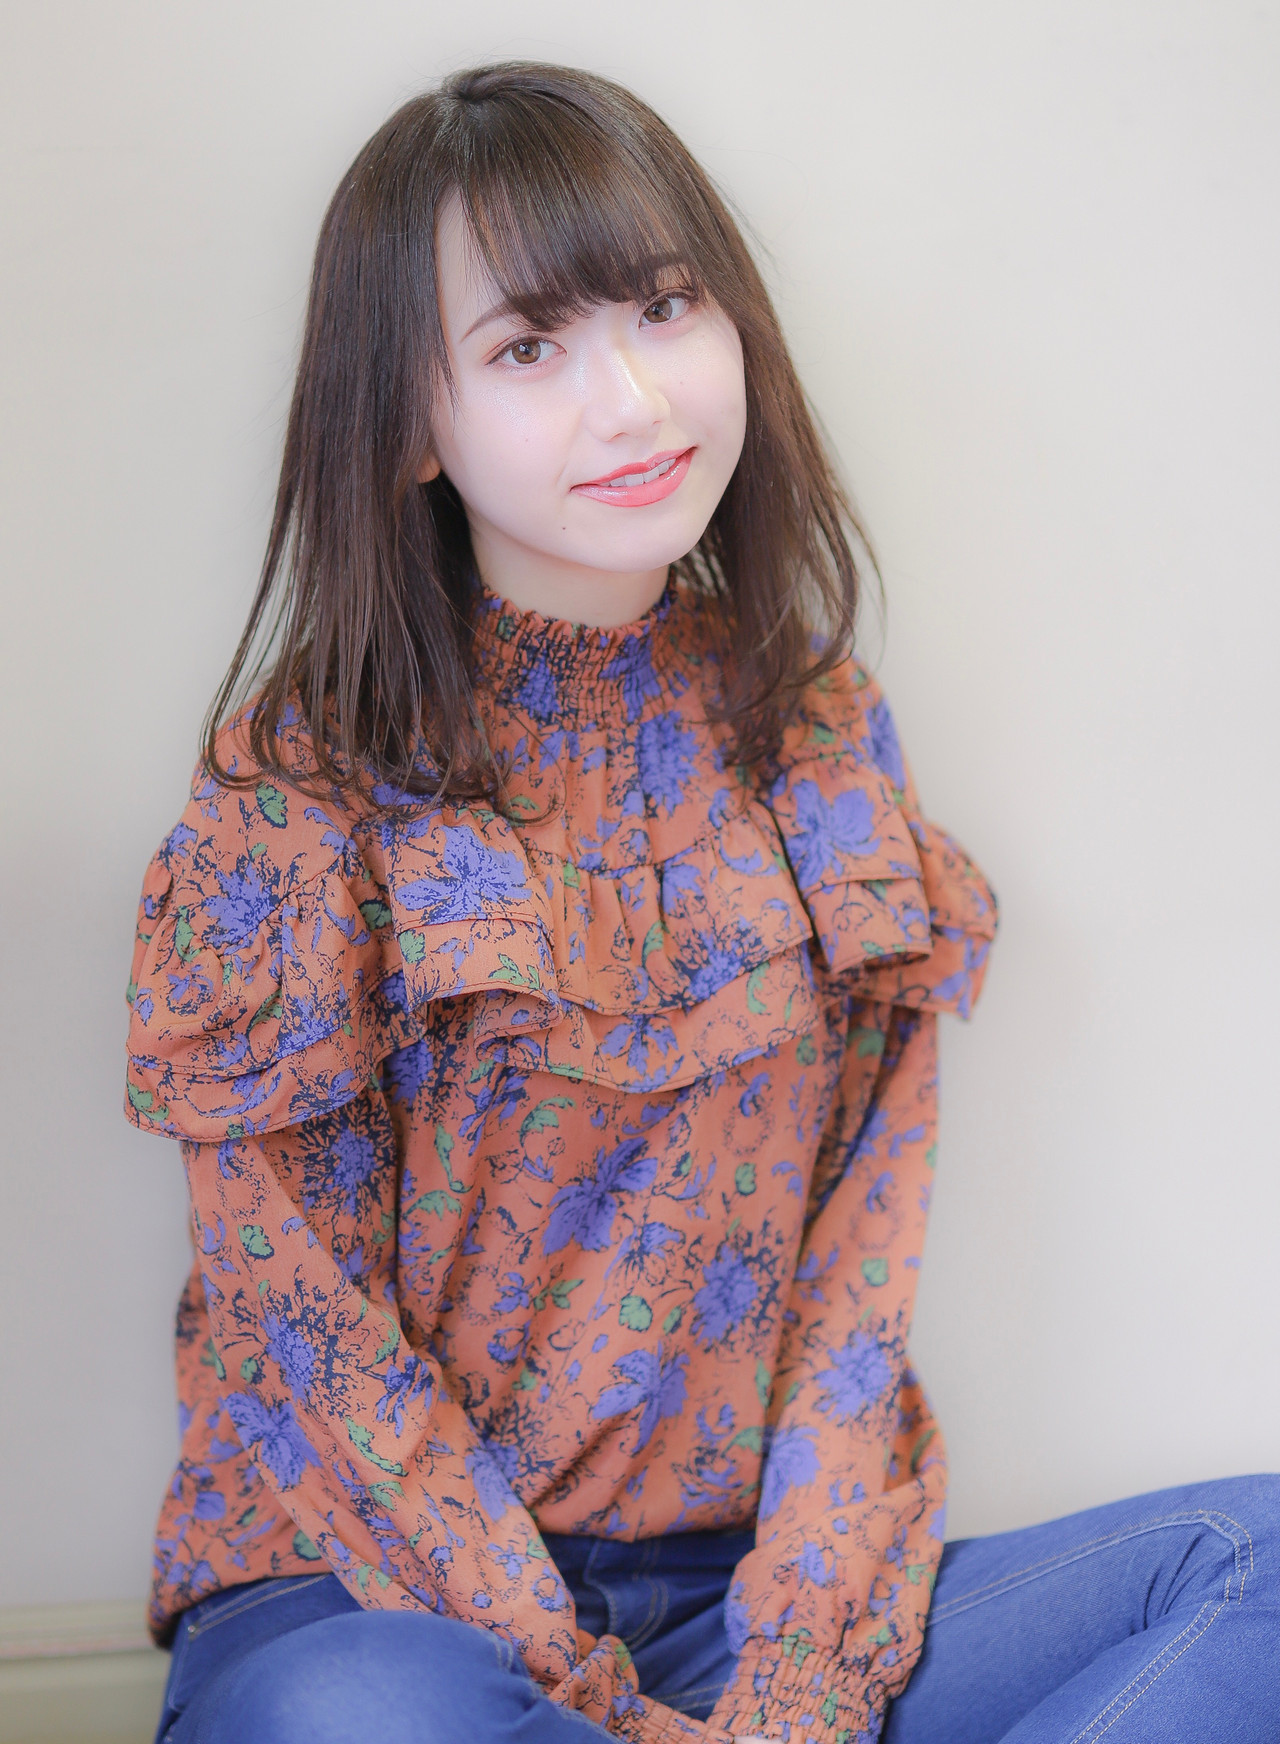 長めボブは透明感のある軽いスタイルがおすすめ Asuka Nagae